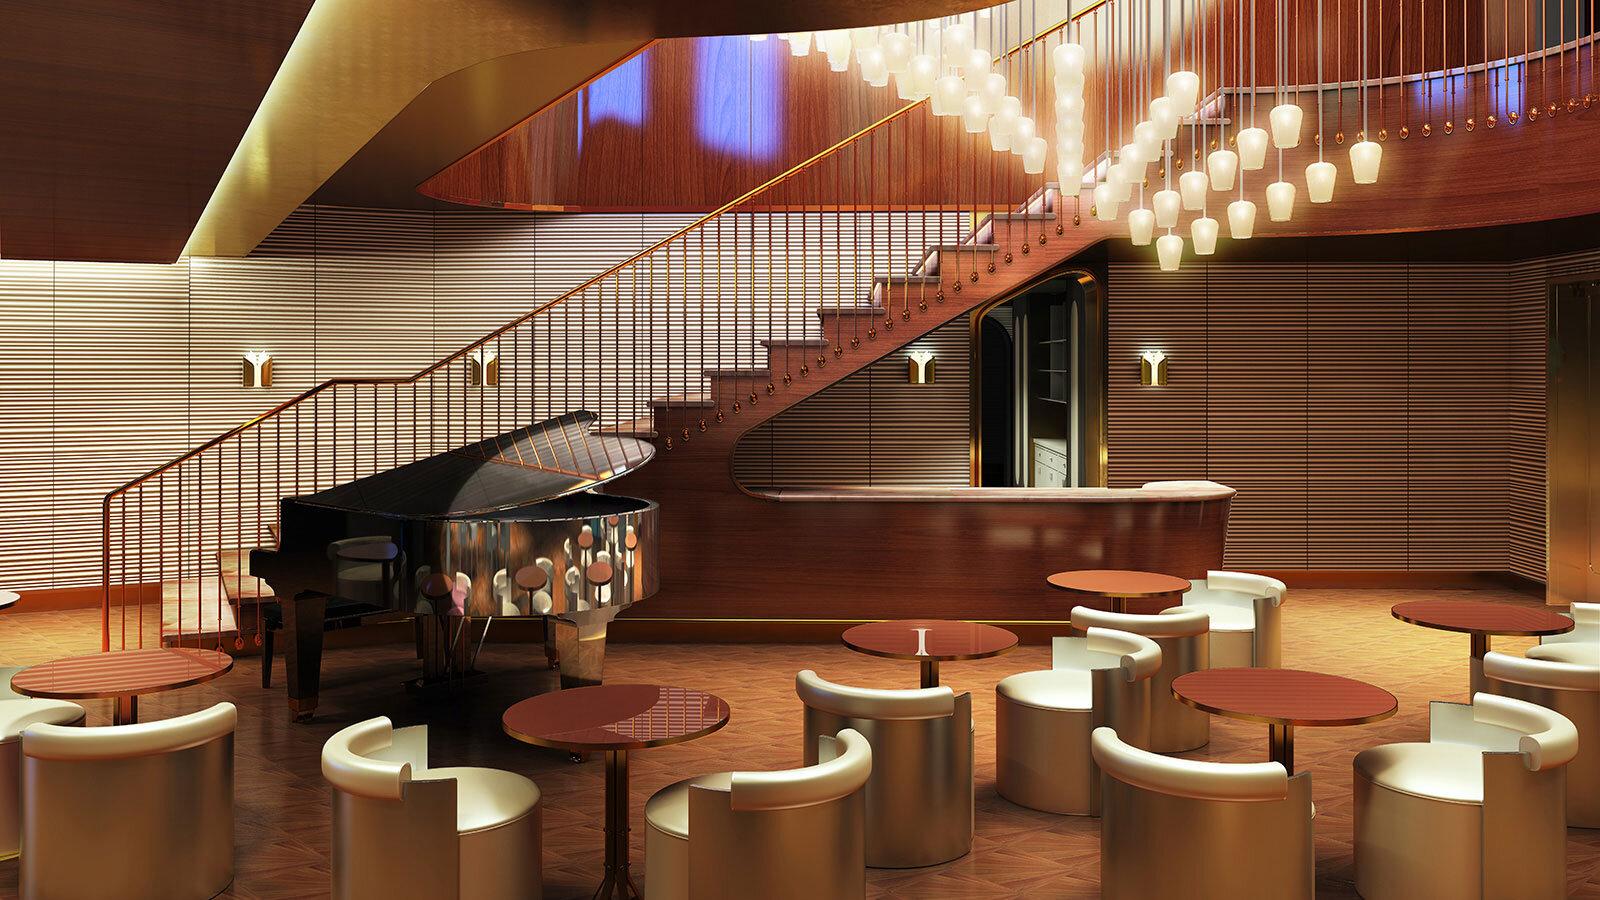 RDR-FNB-the-wake-restaurant-entry-stair-v1-01-1600x900.jpg